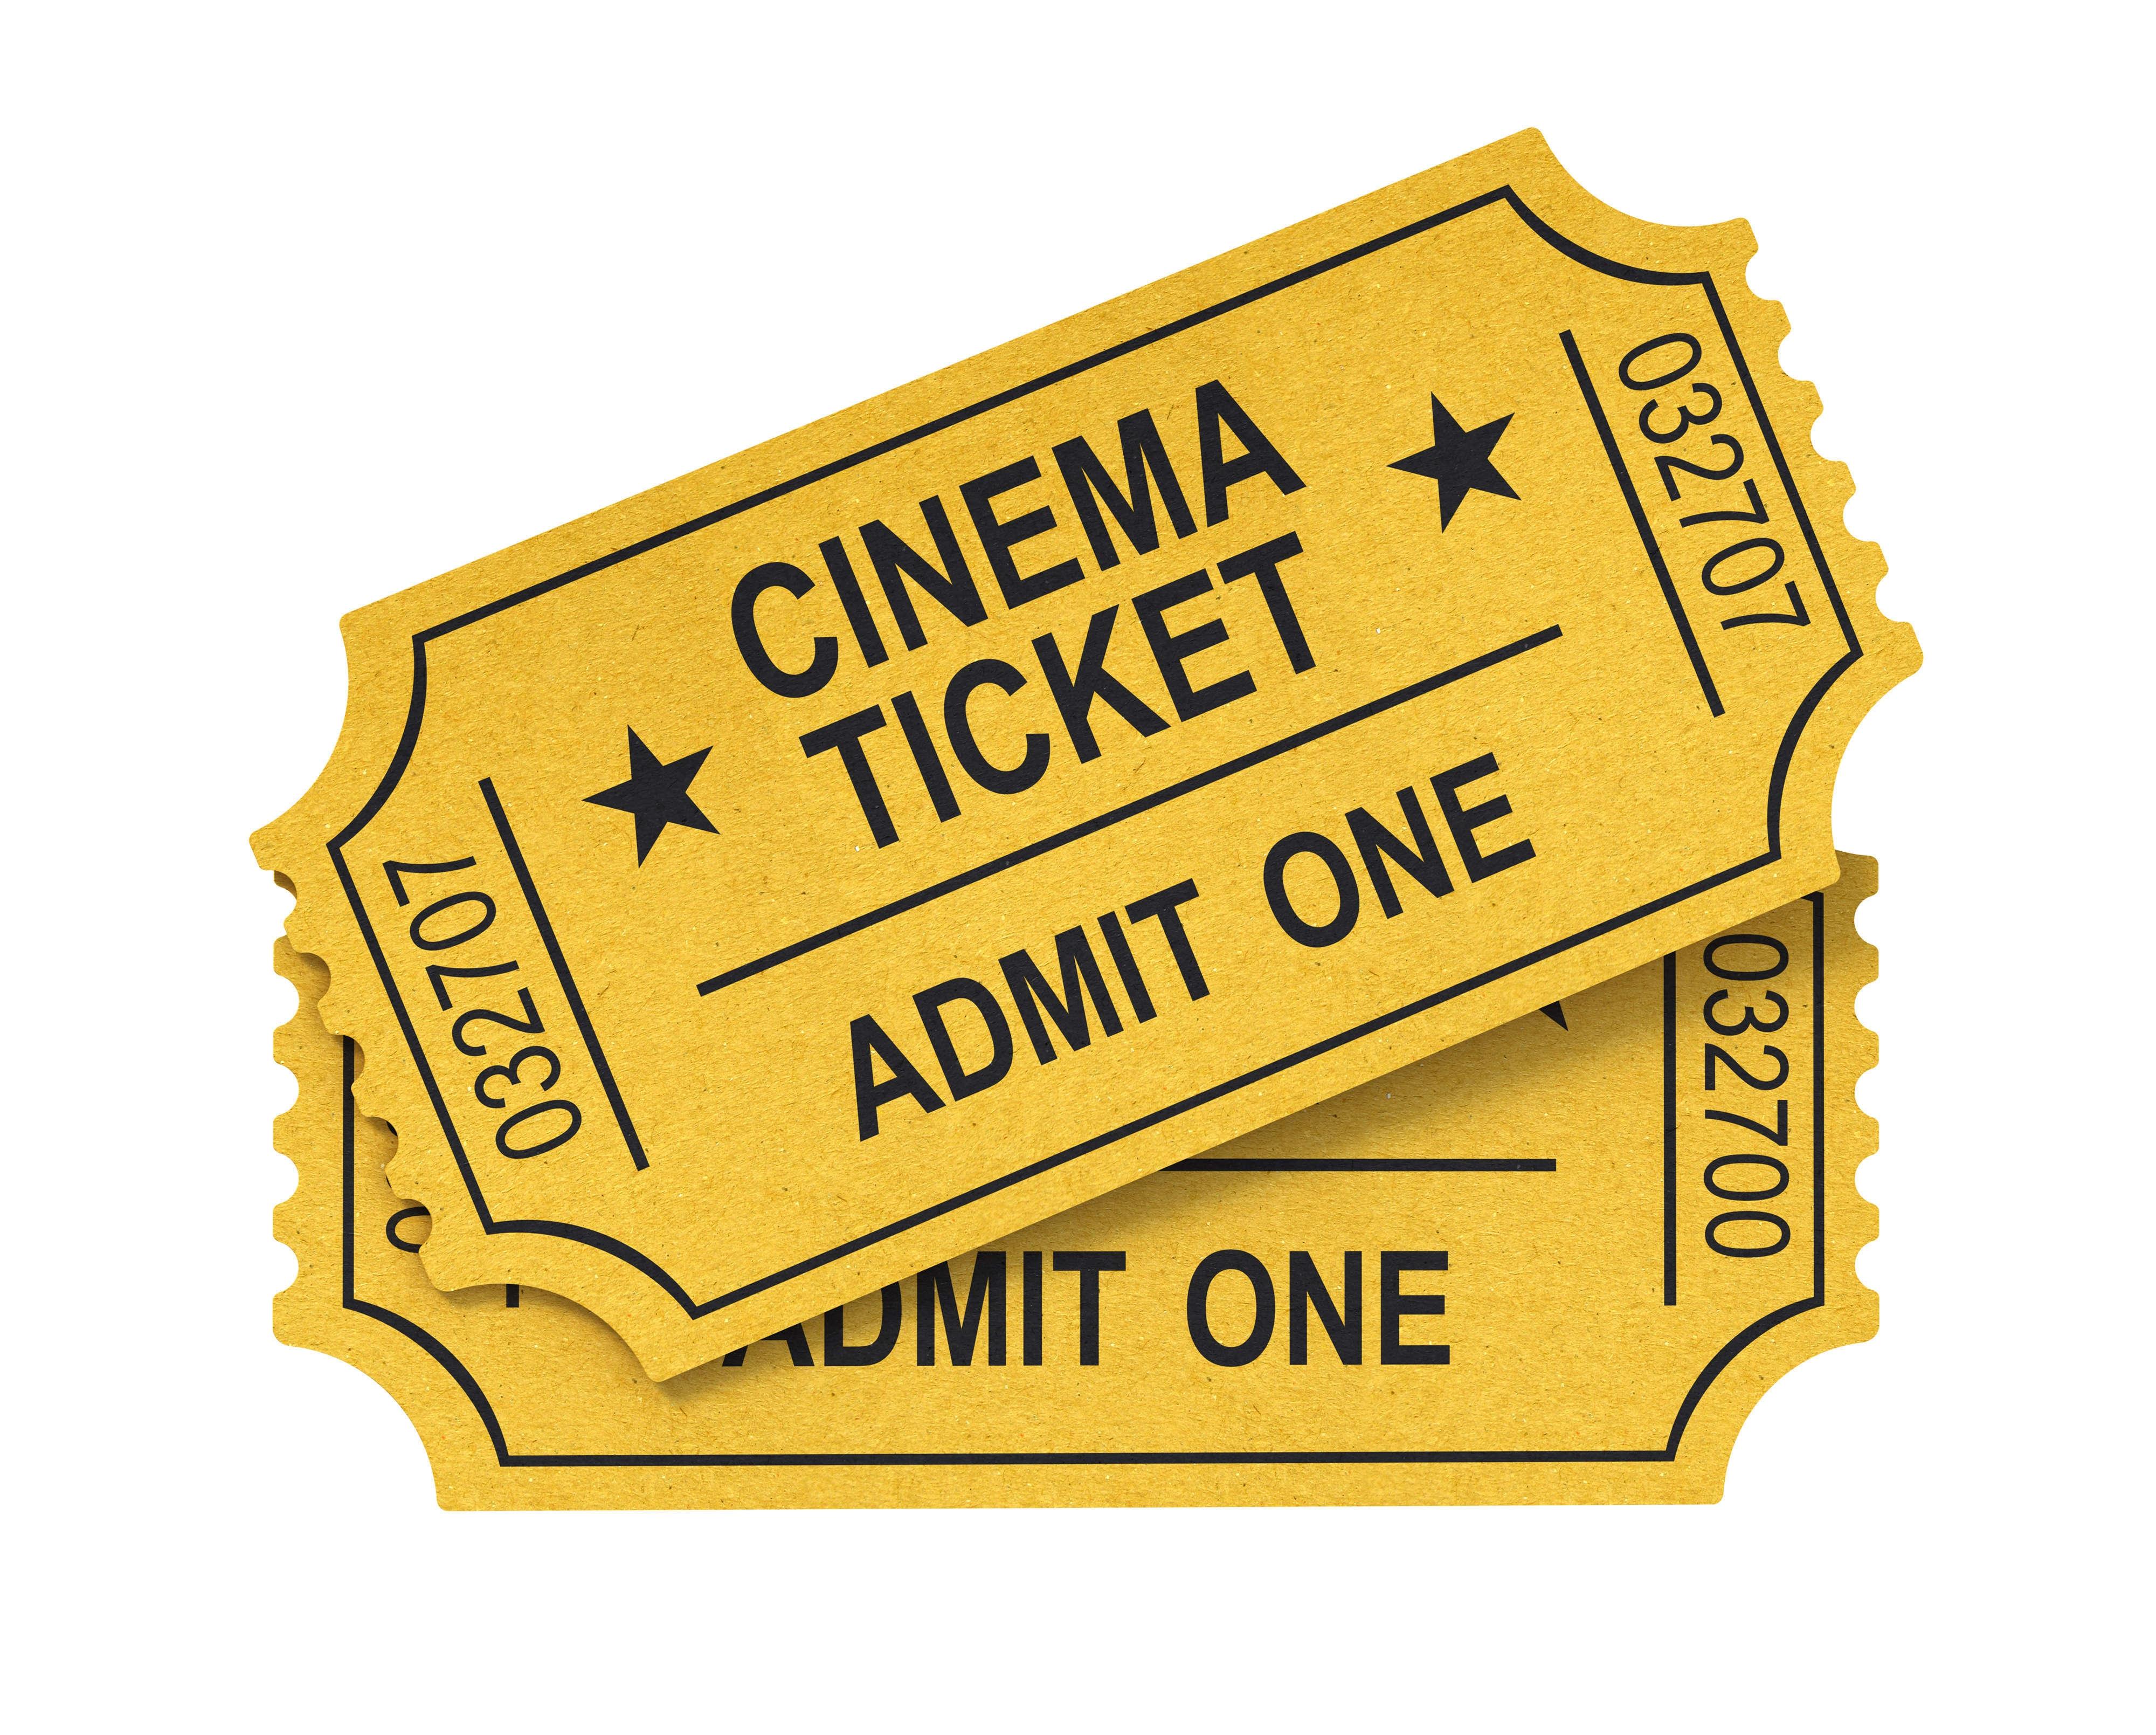 clipart cinema ticket - Clipground